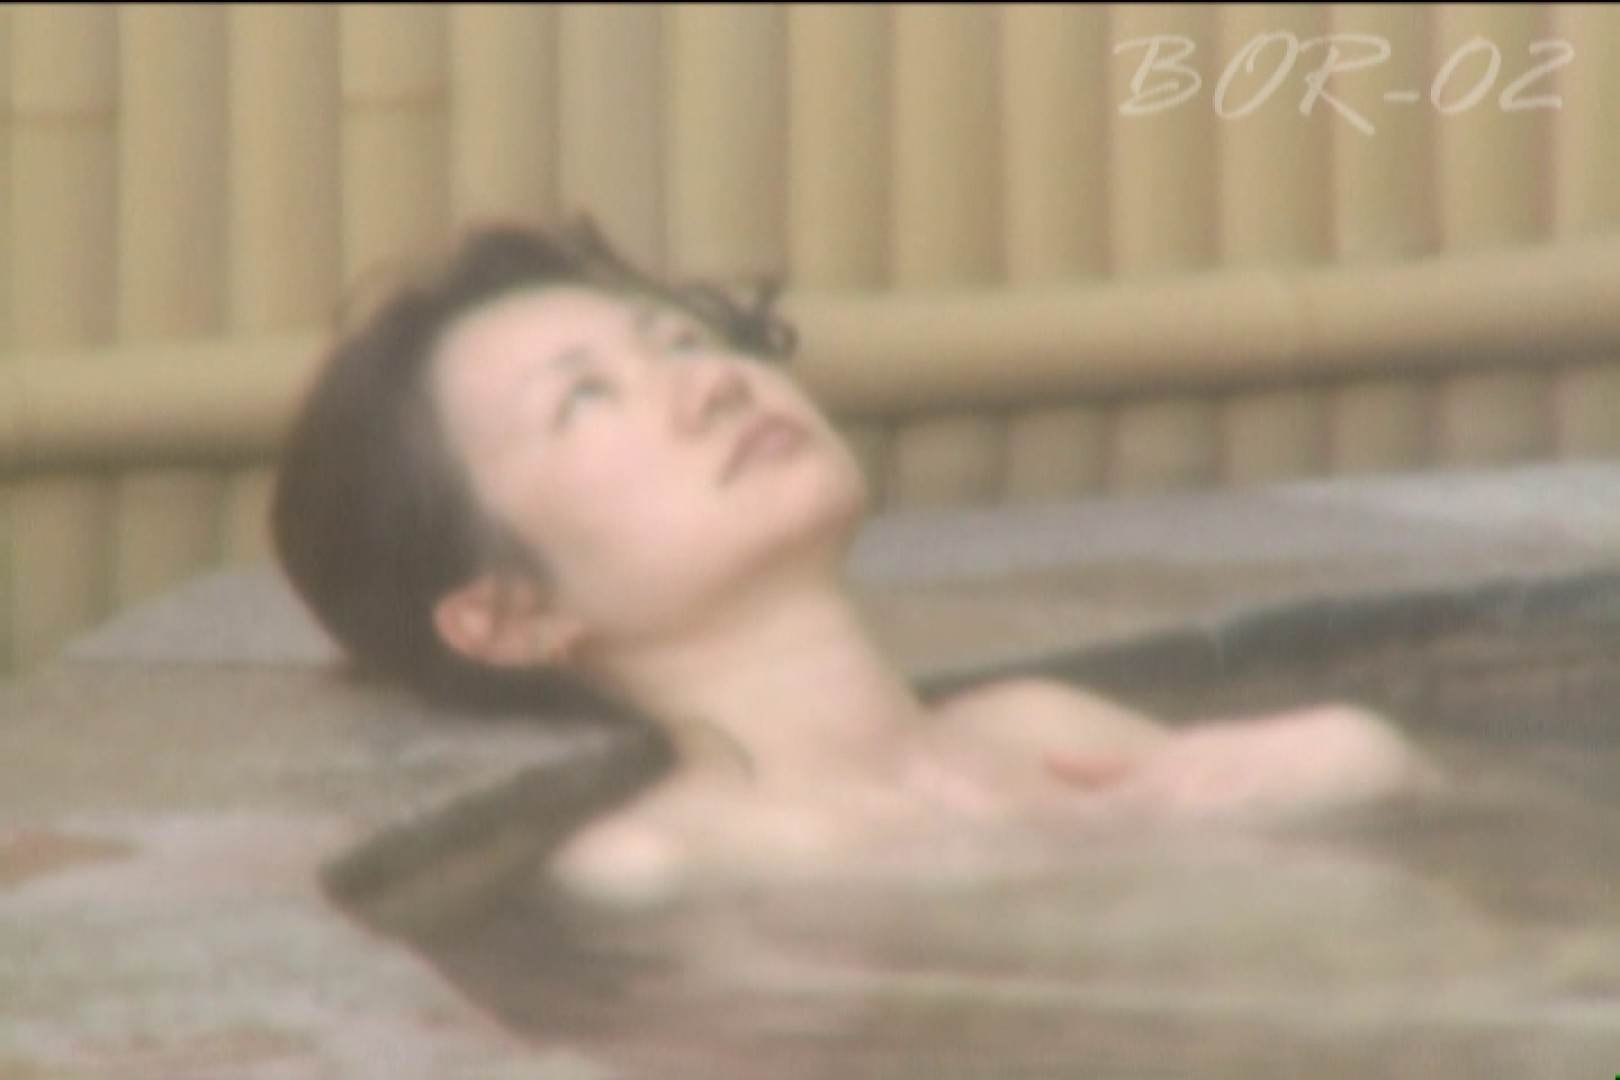 Aquaな露天風呂Vol.477 美しいOLの裸体  90pic 51